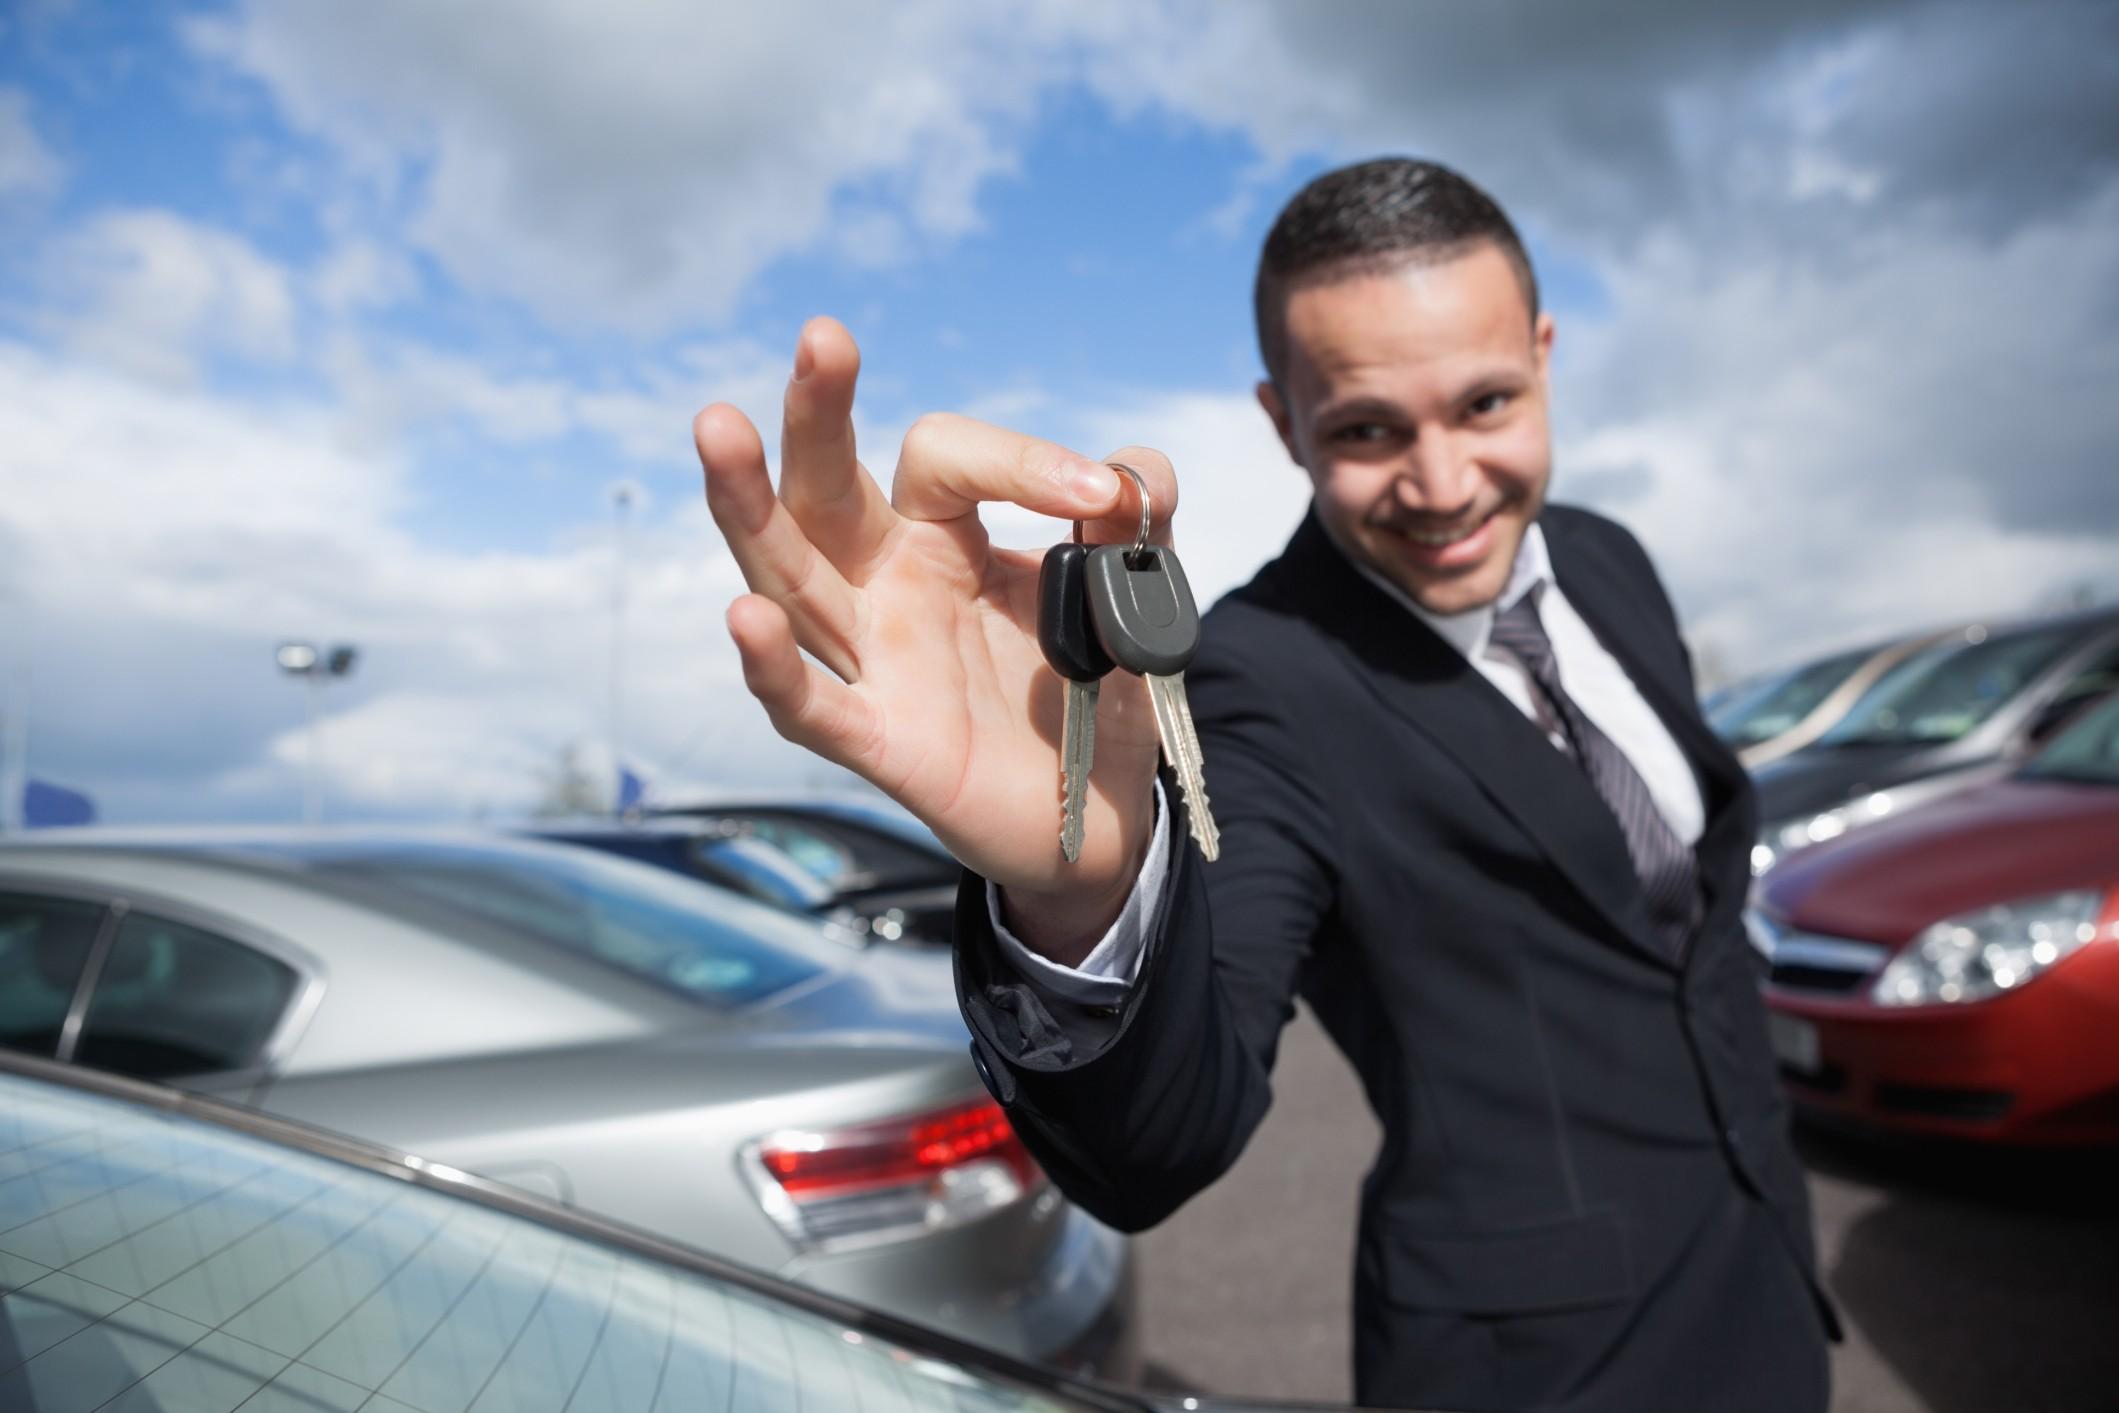 Come spostarsi spendendo meno? Iniziamo a vendere l'auto: ecco alcuni consigli